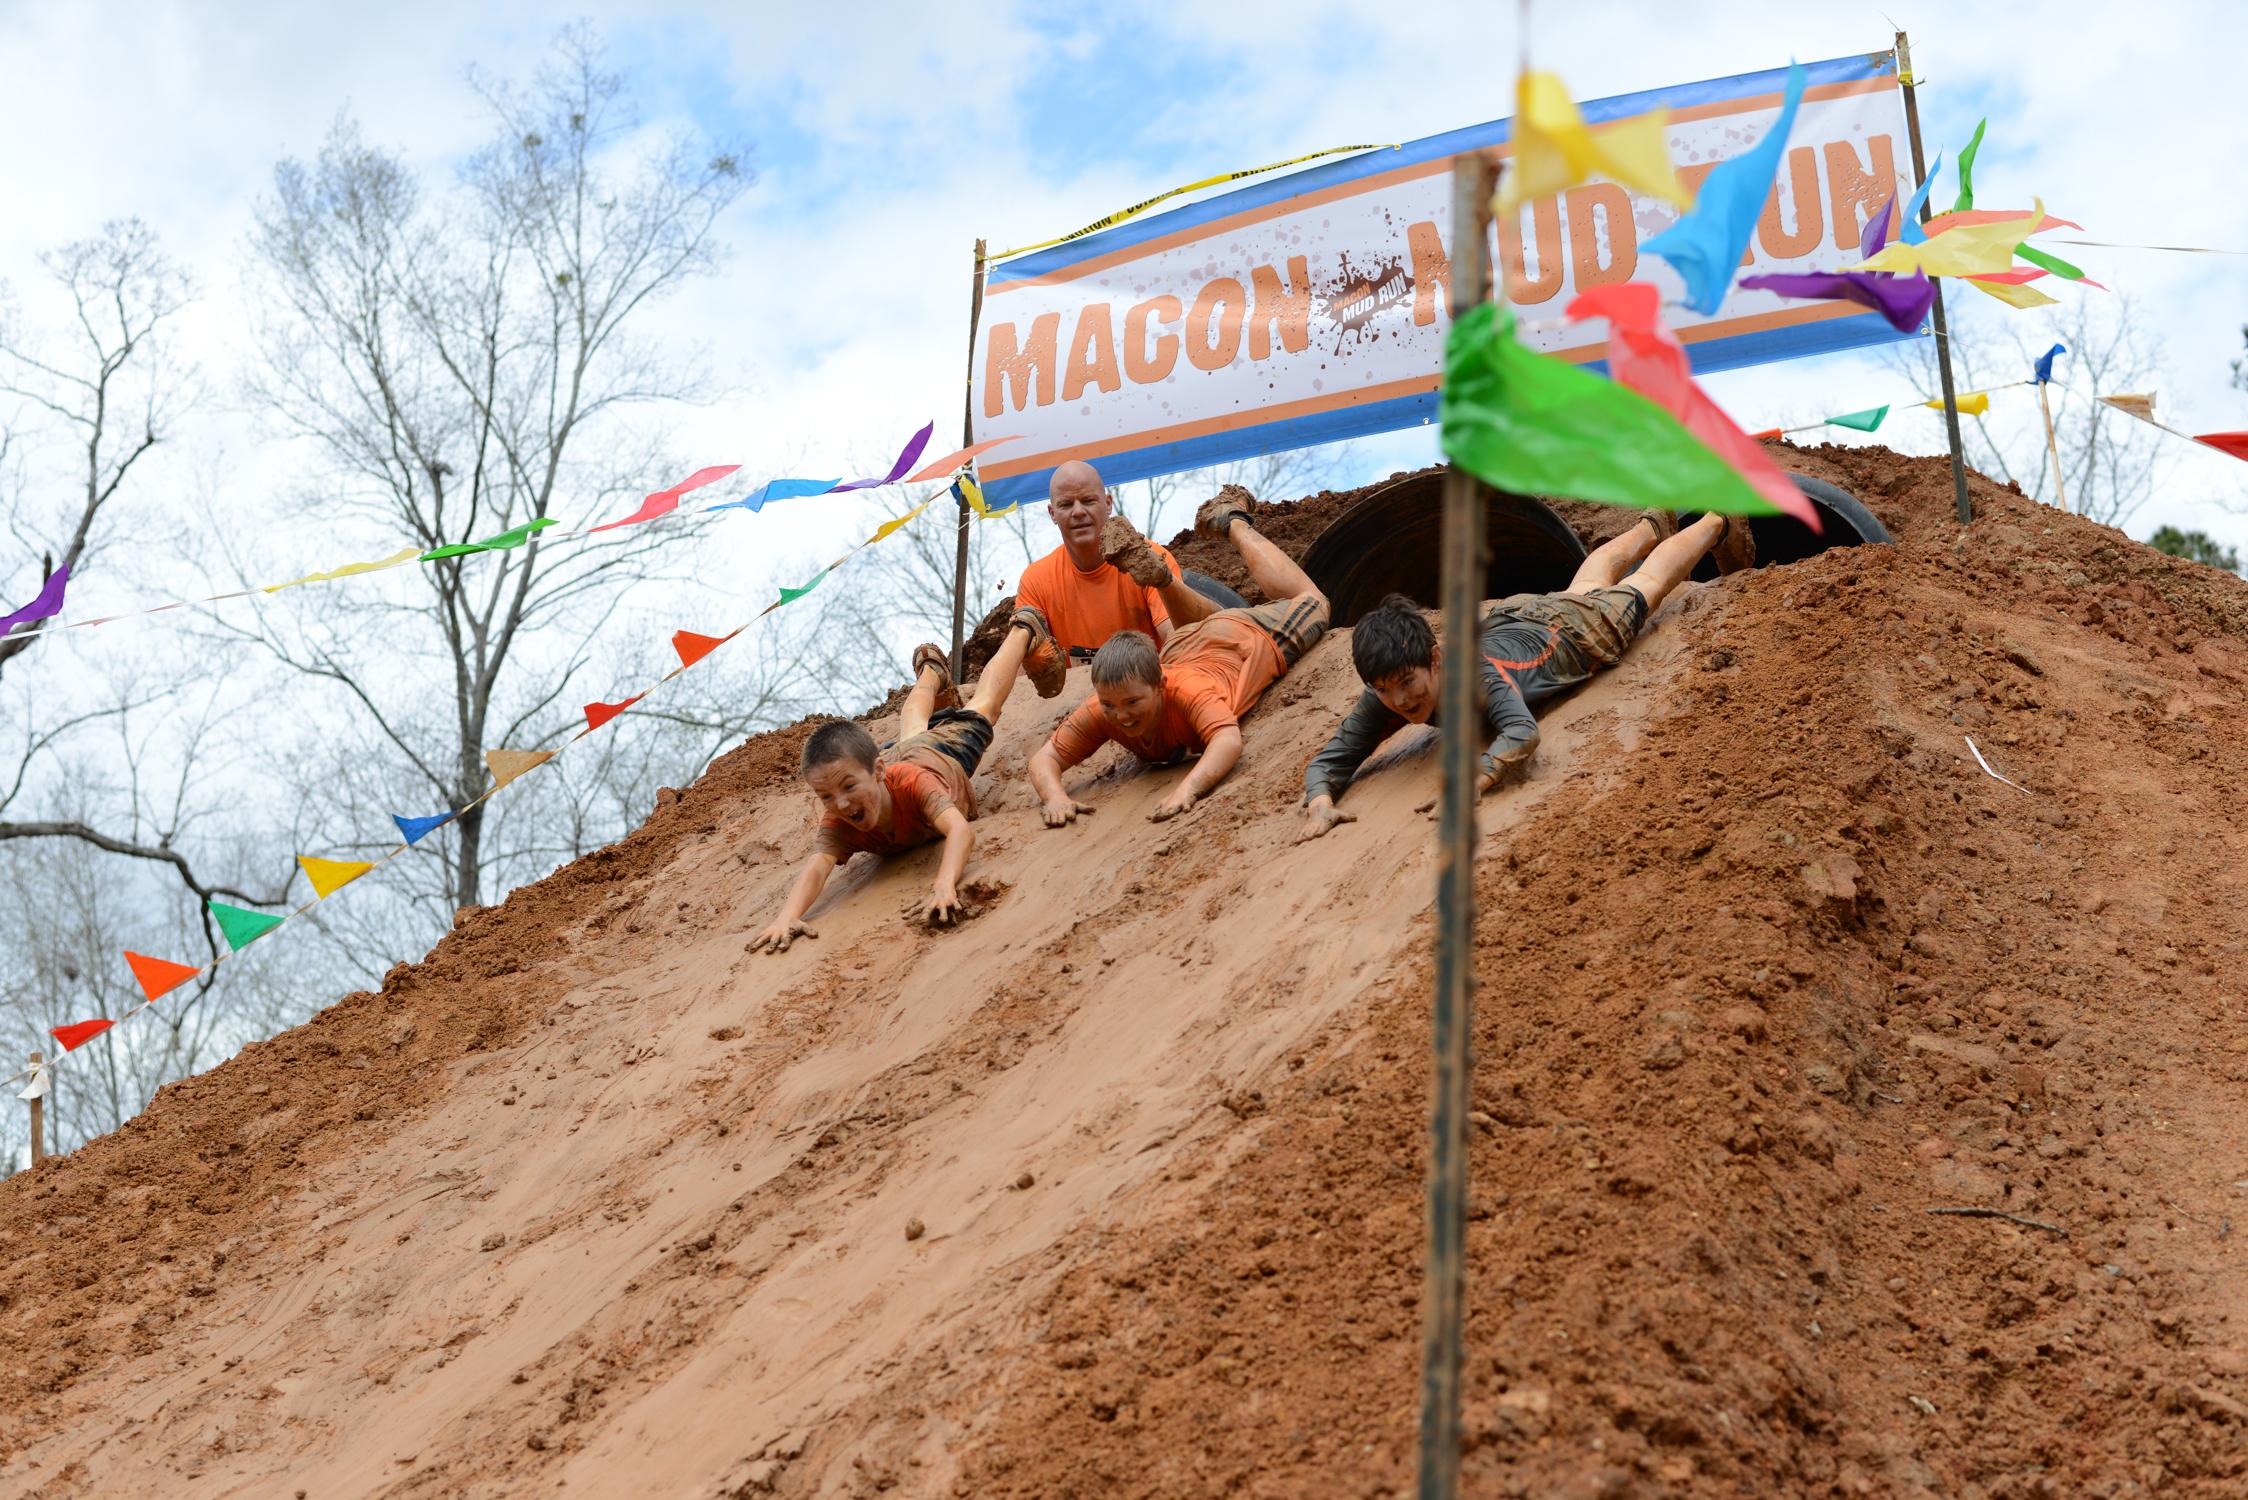 Mud-Slide